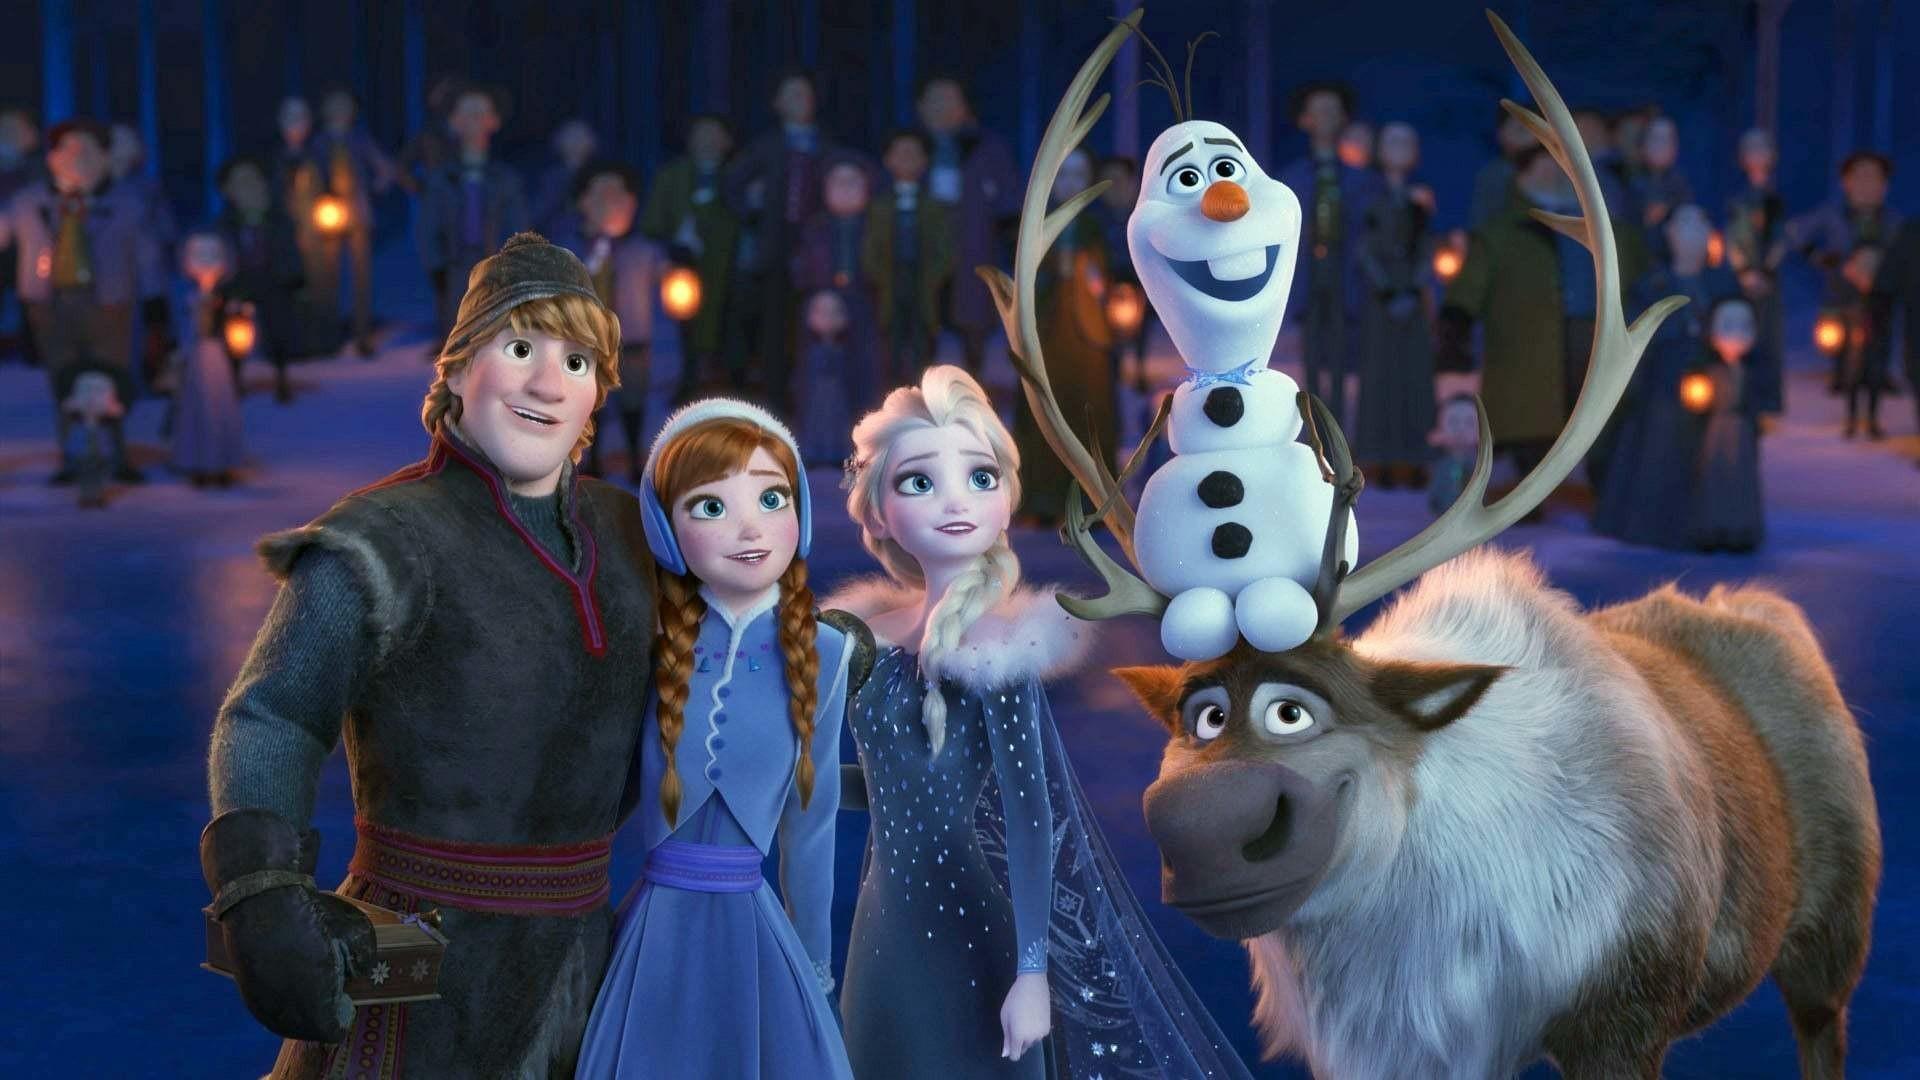 Cerita Frozen 2 Bahasa Indonesia